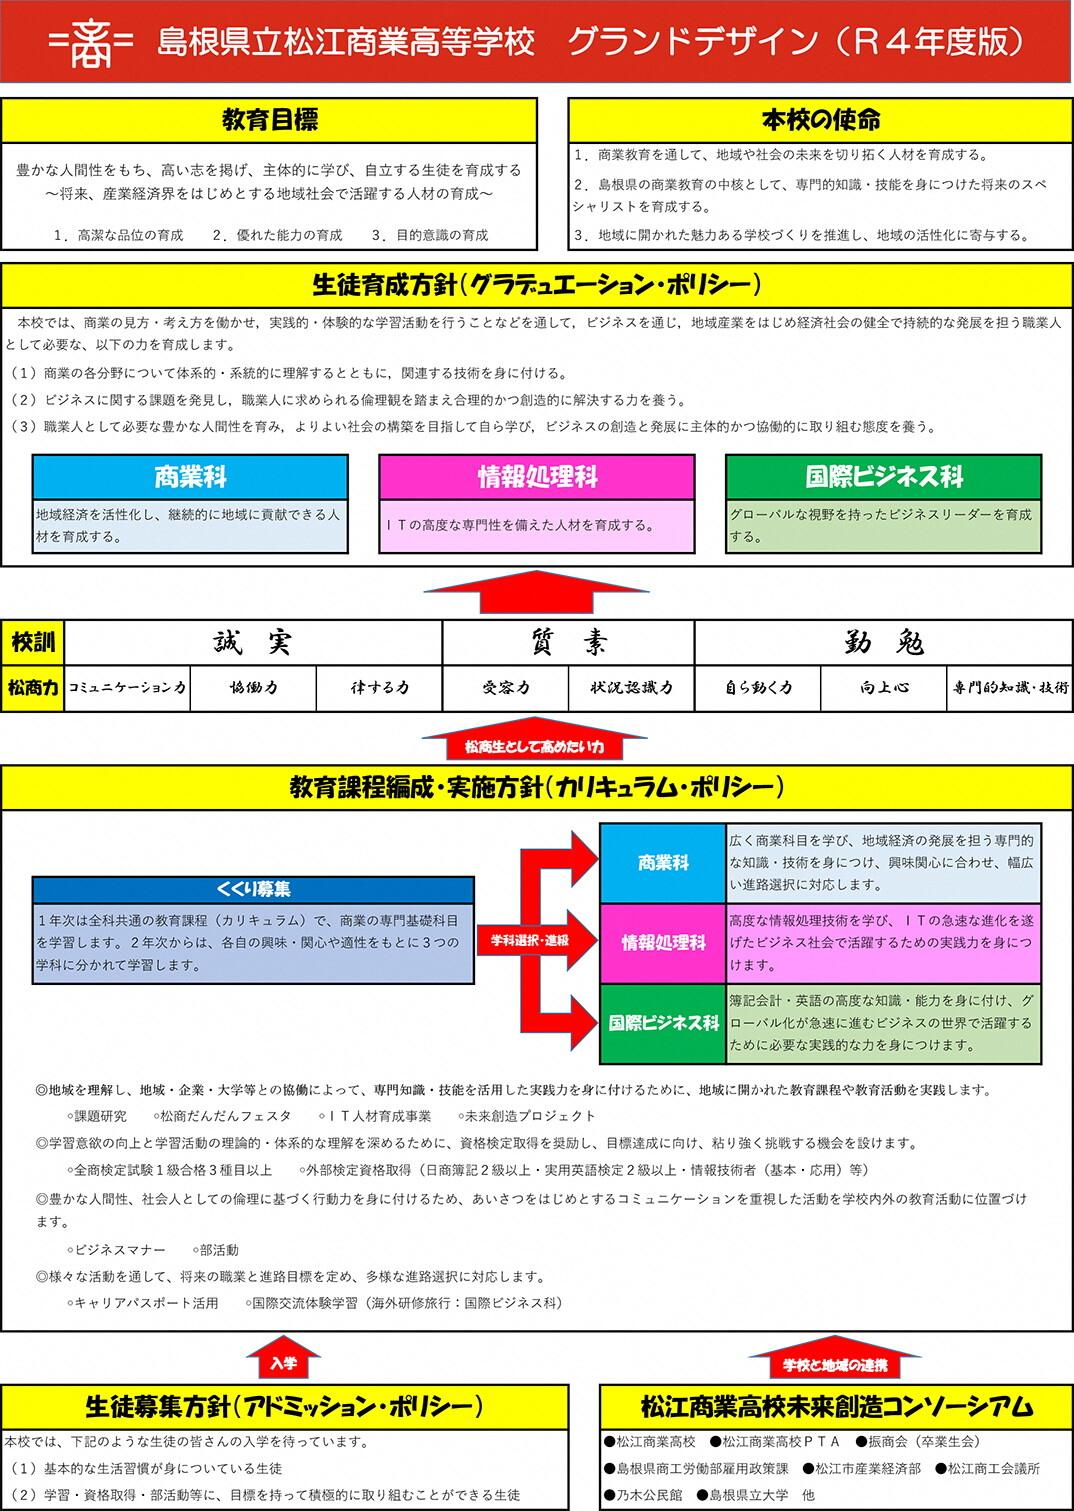 島根県立松江商業高校 グランドデザイン(R4年度版)